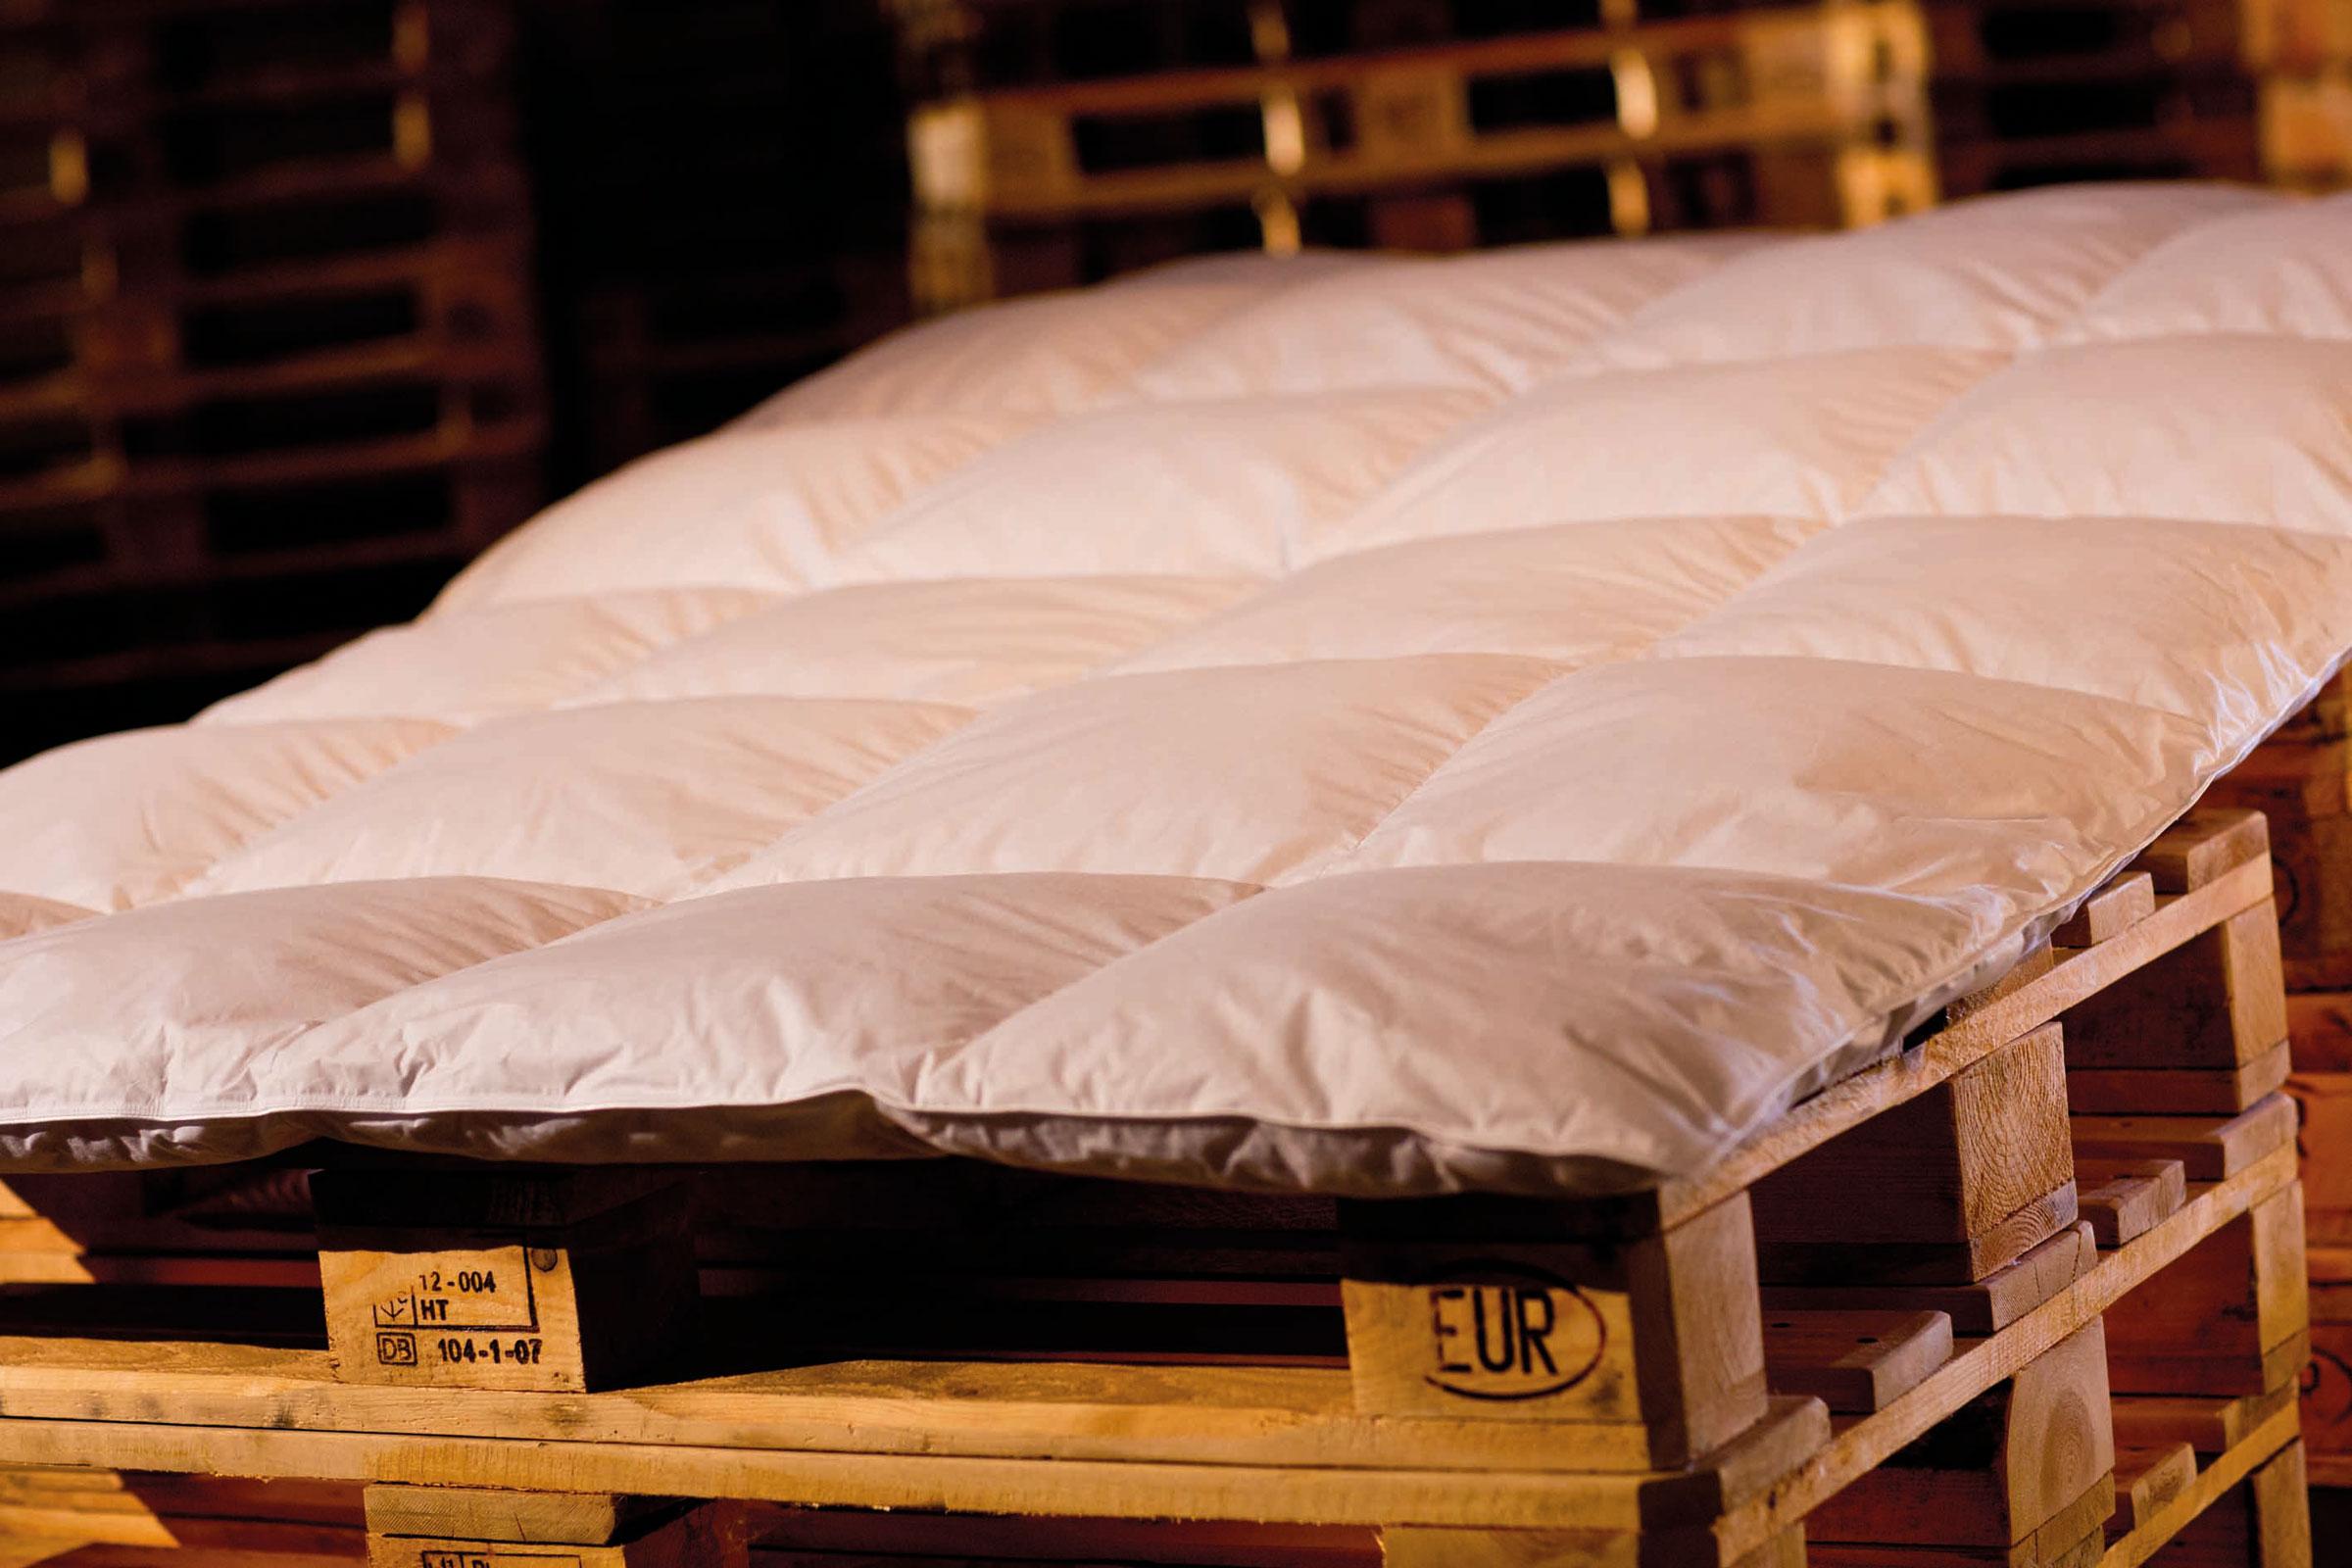 Bettdecken und Kopfkissen - Premium Ganzjahresdecke Bettdecke 135x200 1020Gramm 50 Daunen 50 Federn Serie Moon  - Onlineshop PremiumShop321